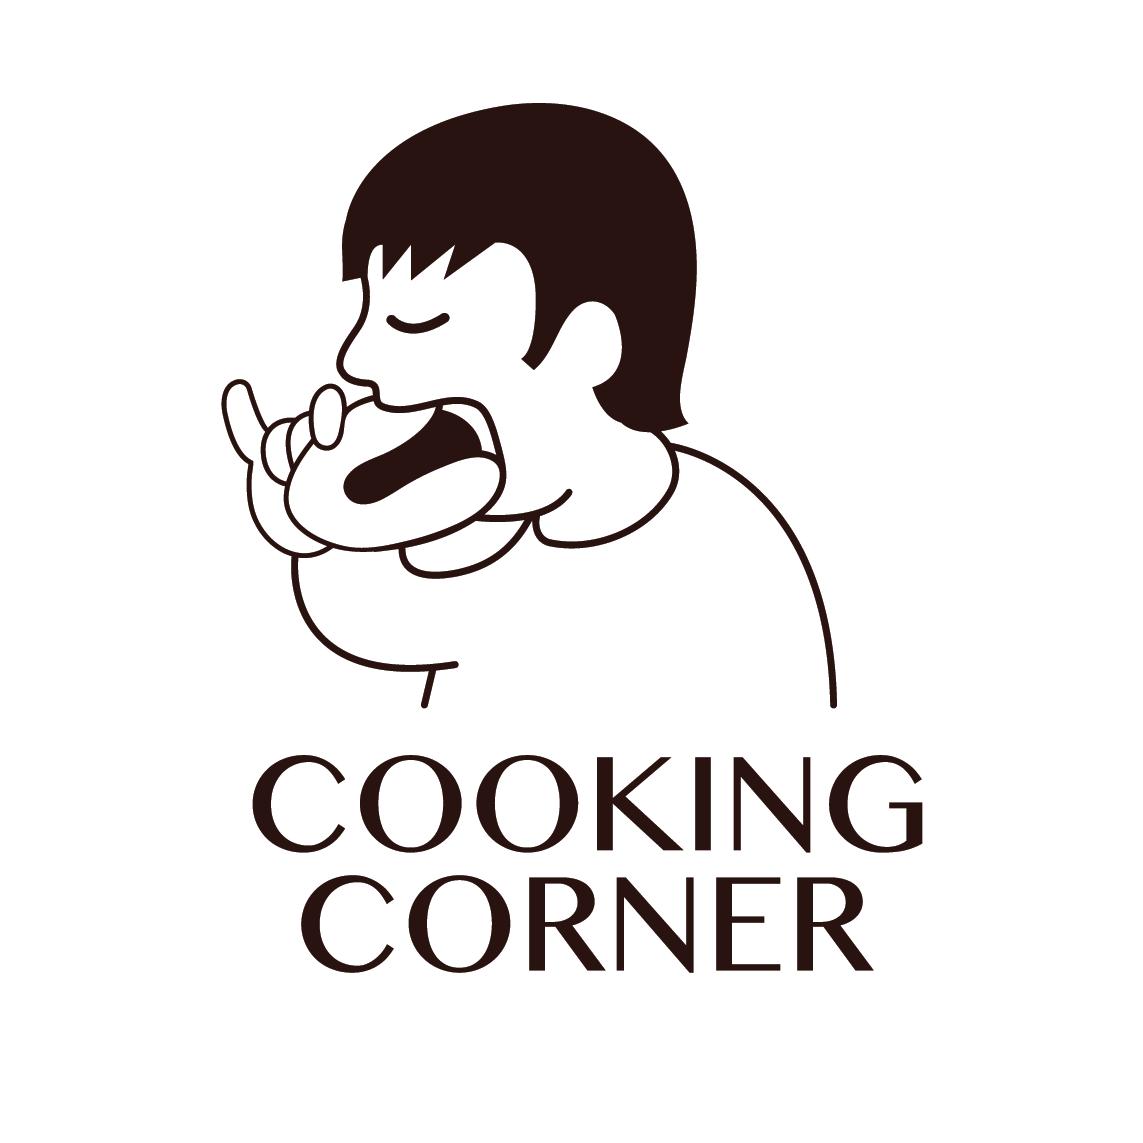 Cooking Corner logo